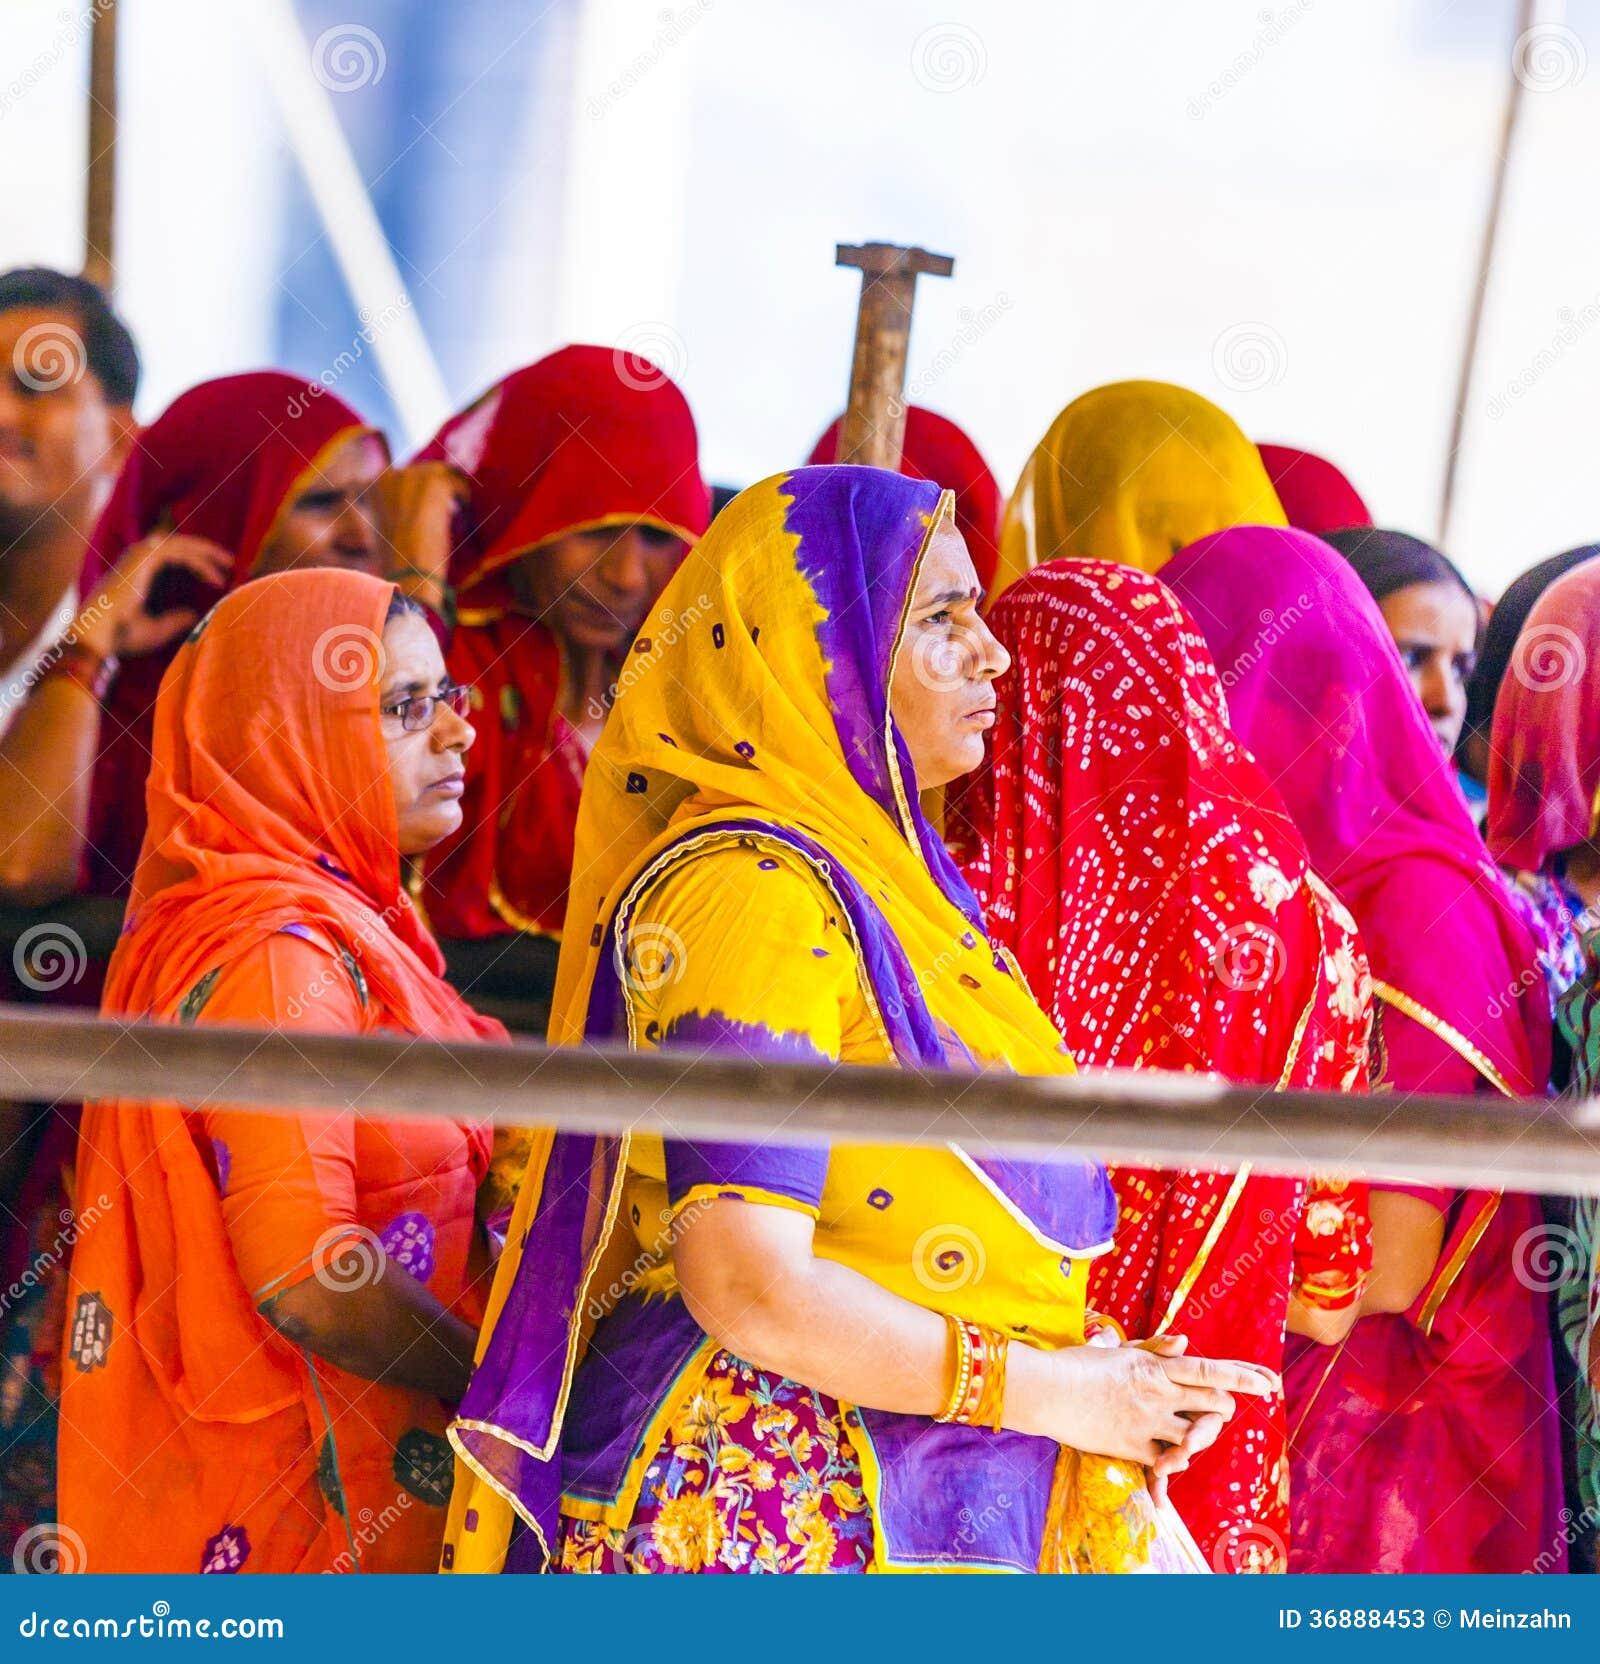 Download Le Donne Indiane Fanno La Coda Su Per L'entrata Al Festival Annuale Di Navrata Fotografia Stock Editoriale - Immagine di ambrato, fortress: 36888453